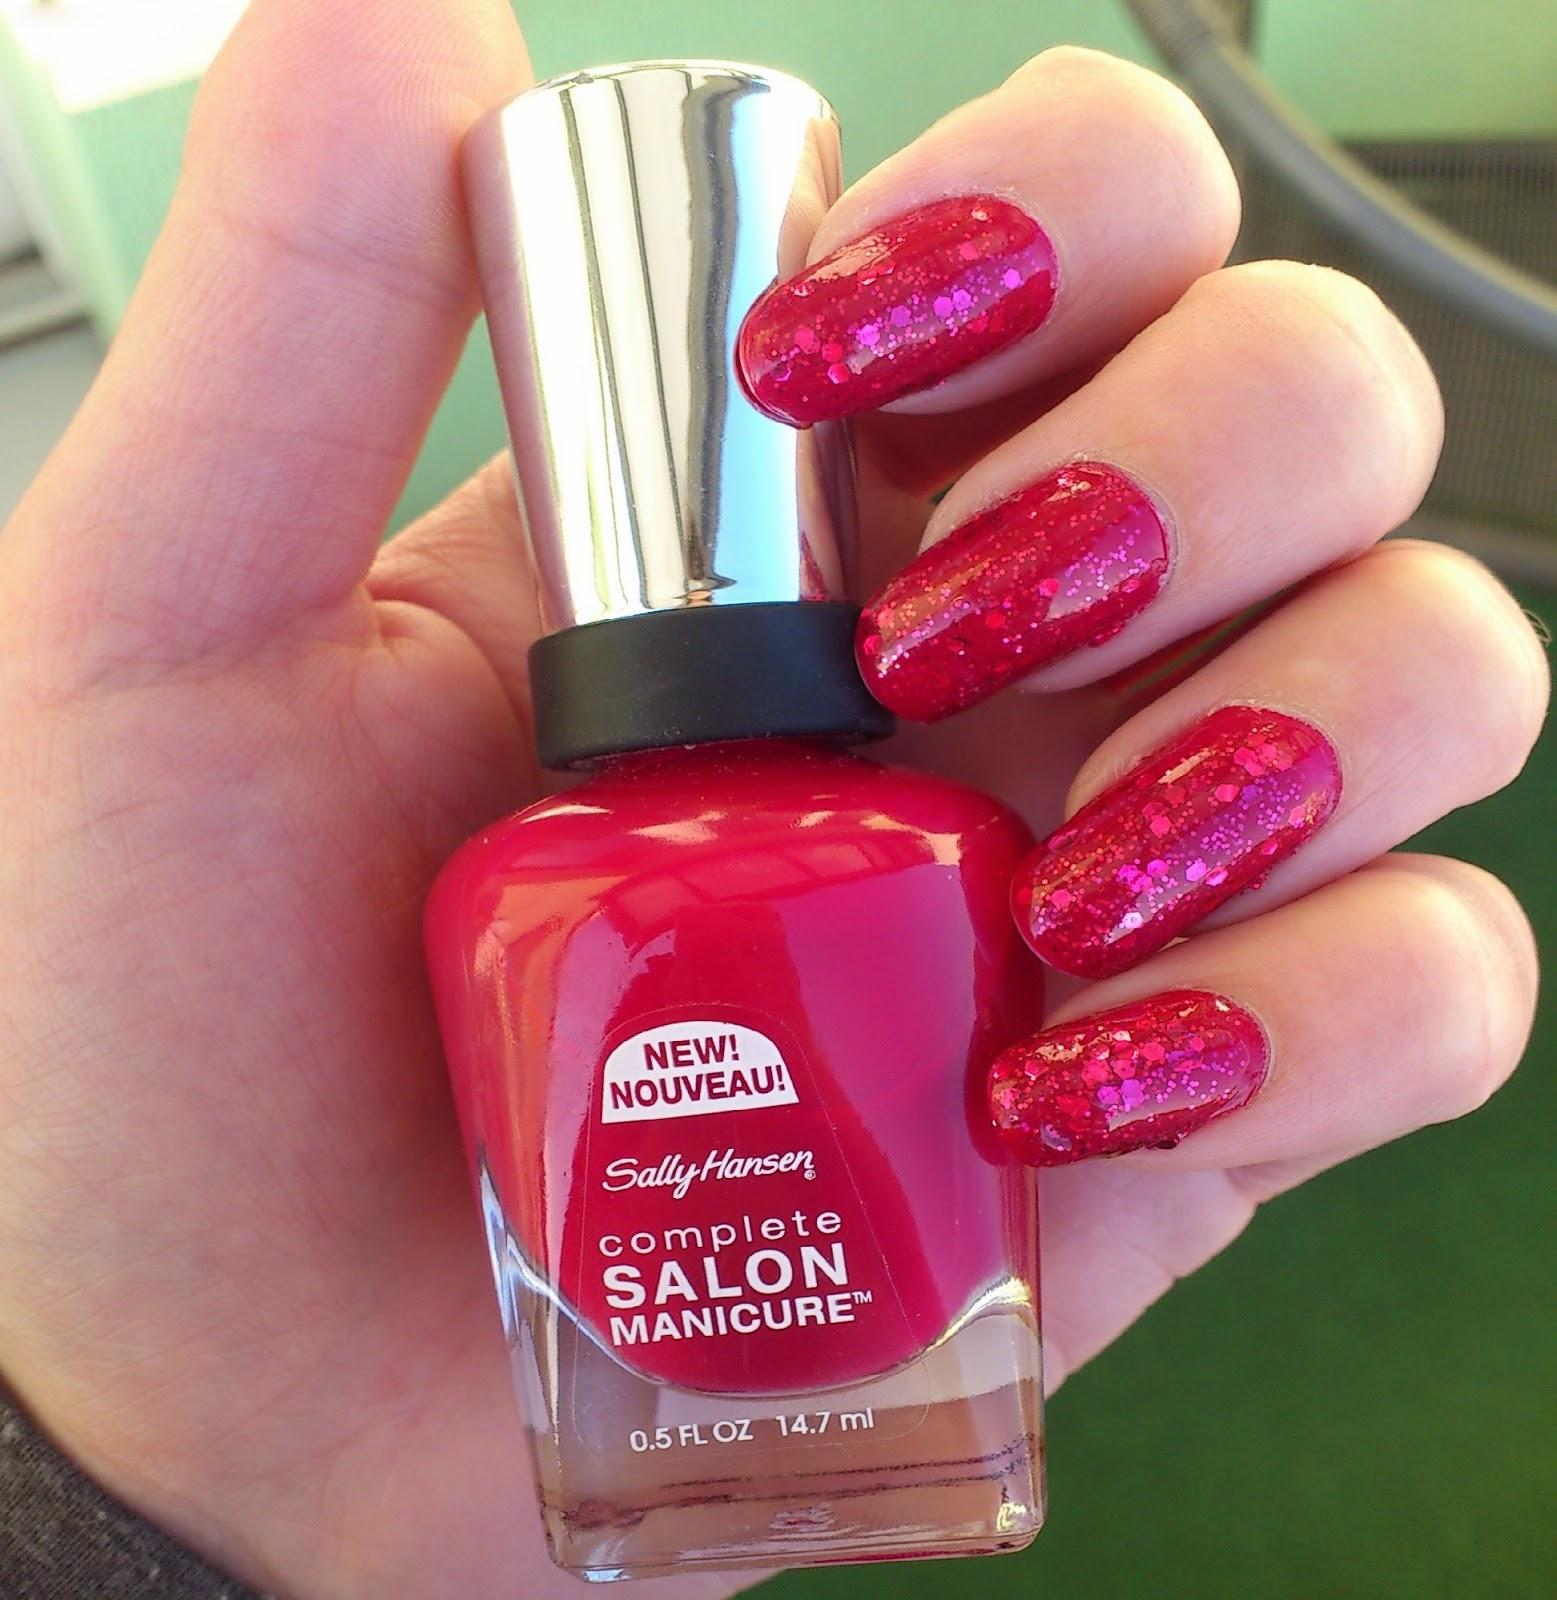 Faszinierend Weihnachts Nägel Rot Foto Von Sis Welt - Beauty | Fashion |